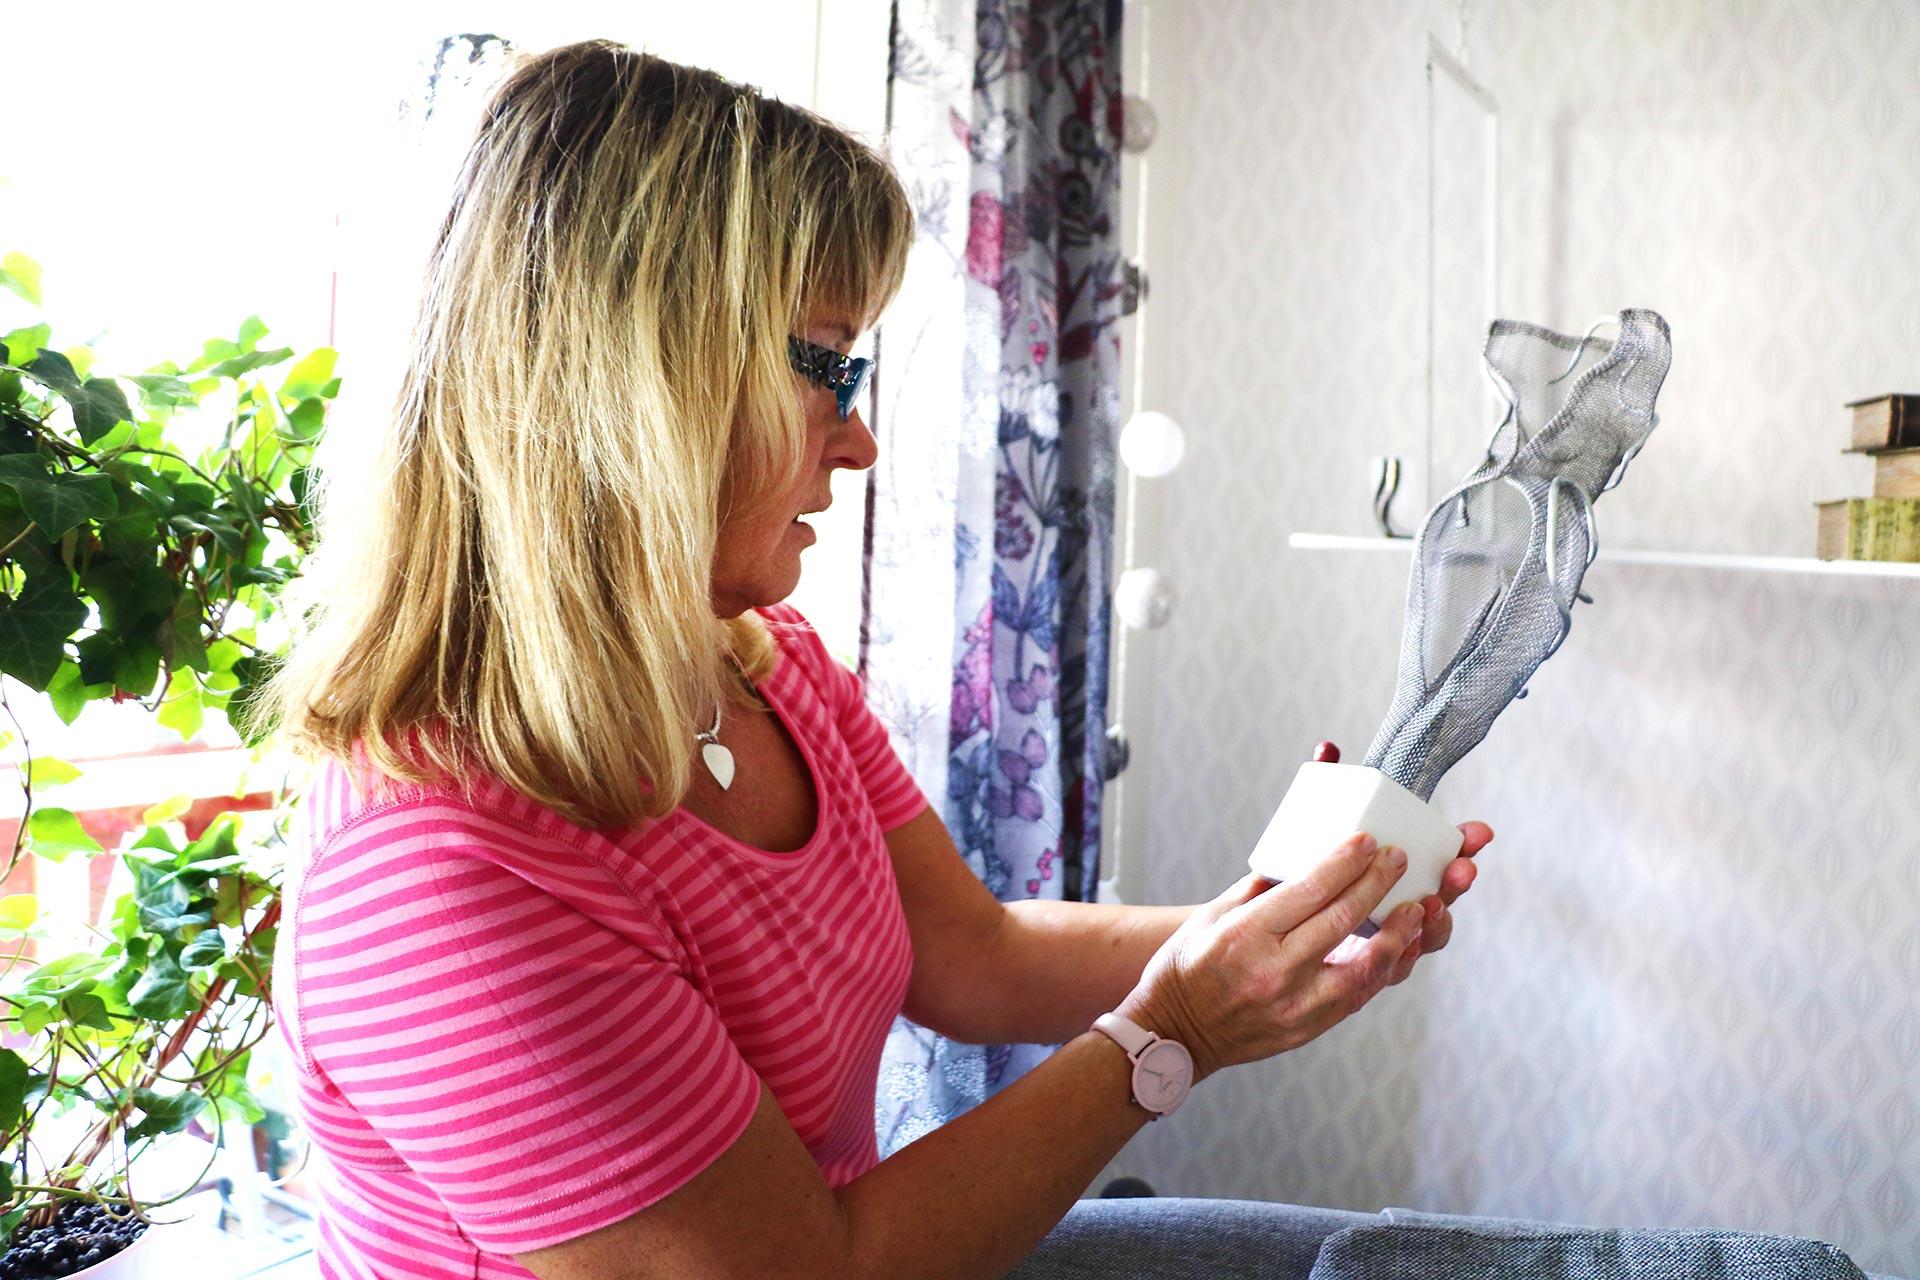 Hos Eva finns mycket konst i form av tavlor och skulpturer. Här finns också unika möbler som hon själv har skapat. Bland annat byrån som ni ser här nedan.